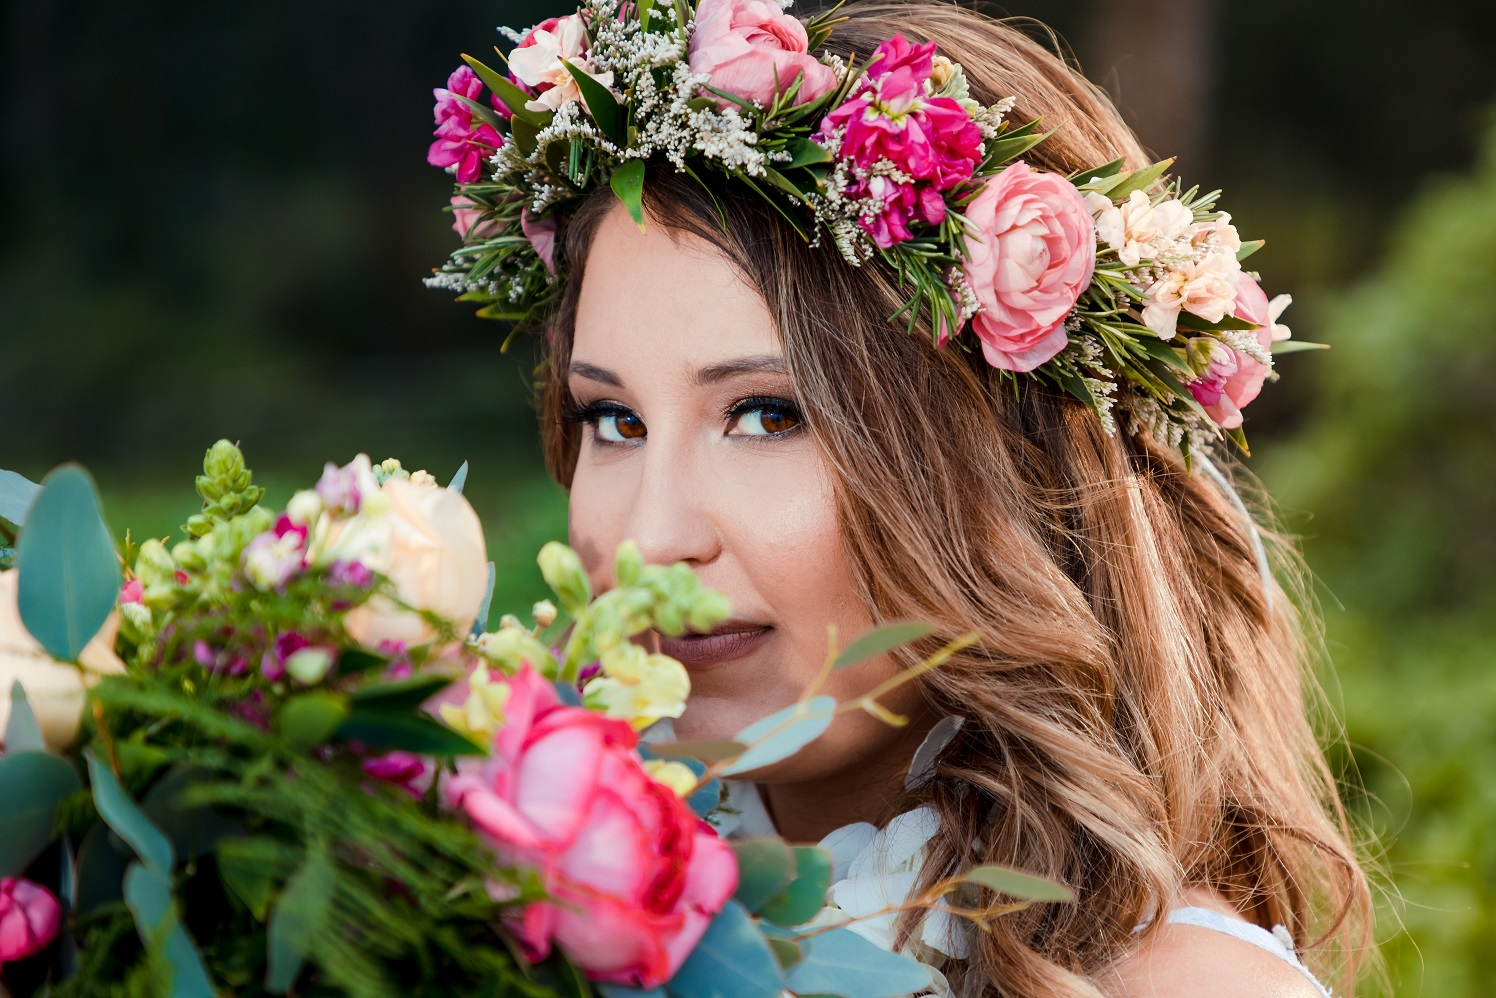 bridal and flower bridal bouquet portrait